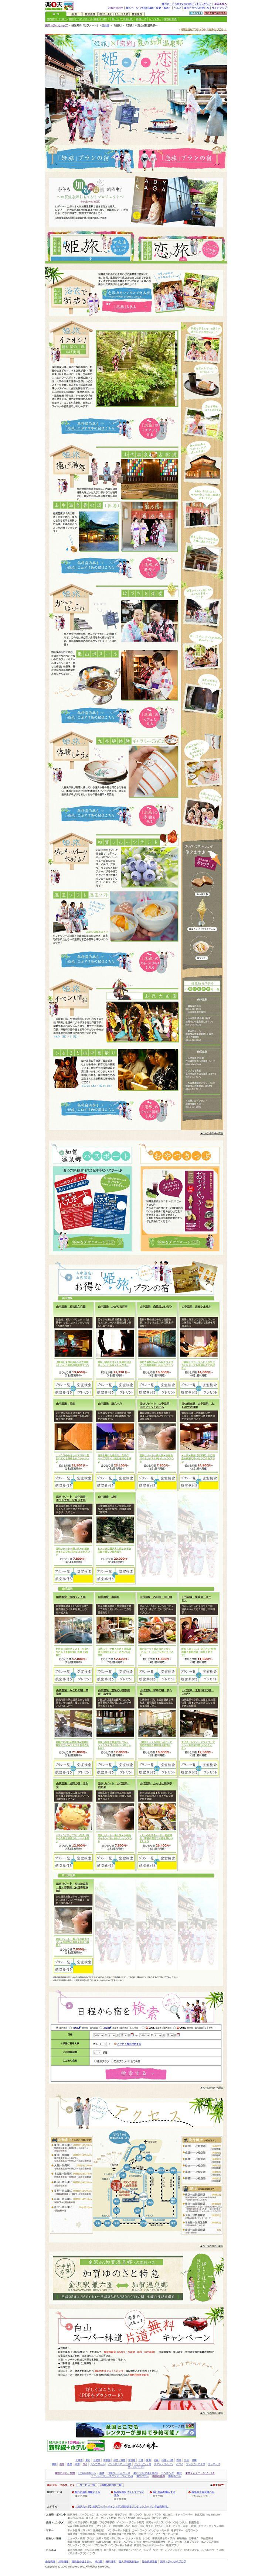 【旅頃】石川特集「姫旅」×「恋旅」 カップル・夫婦 女性グループ 和風 ピンク 青 夏 http://travel.rakuten.co.jp/movement/ishikawa/201306/